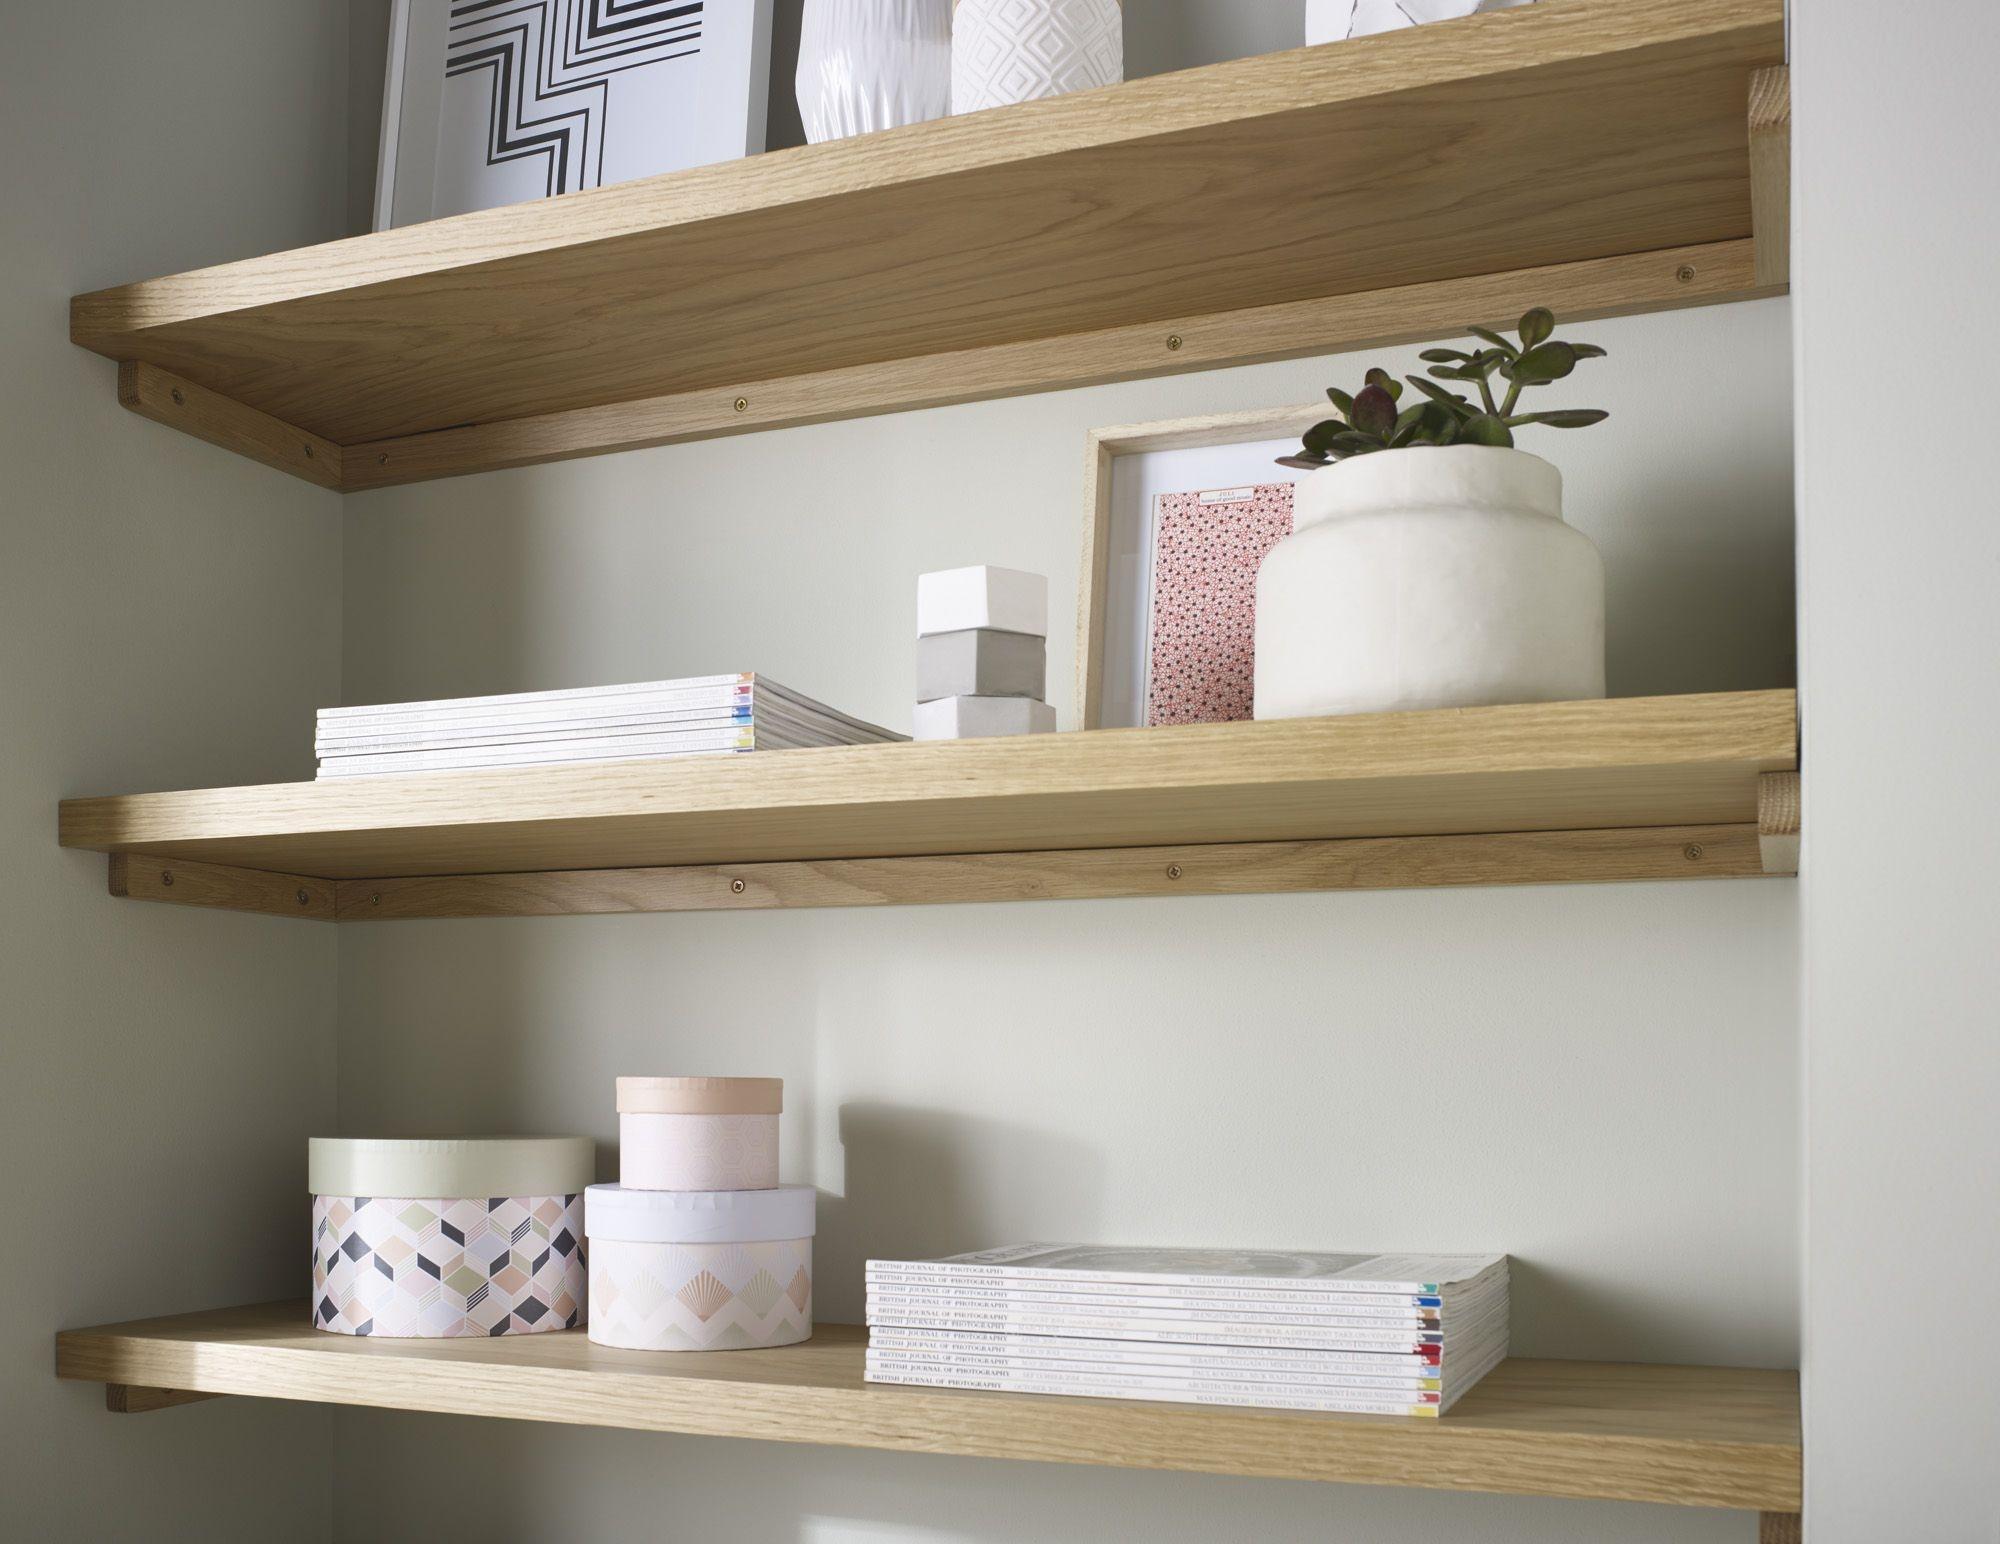 12 photo of floating shelves 120cm. Black Bedroom Furniture Sets. Home Design Ideas